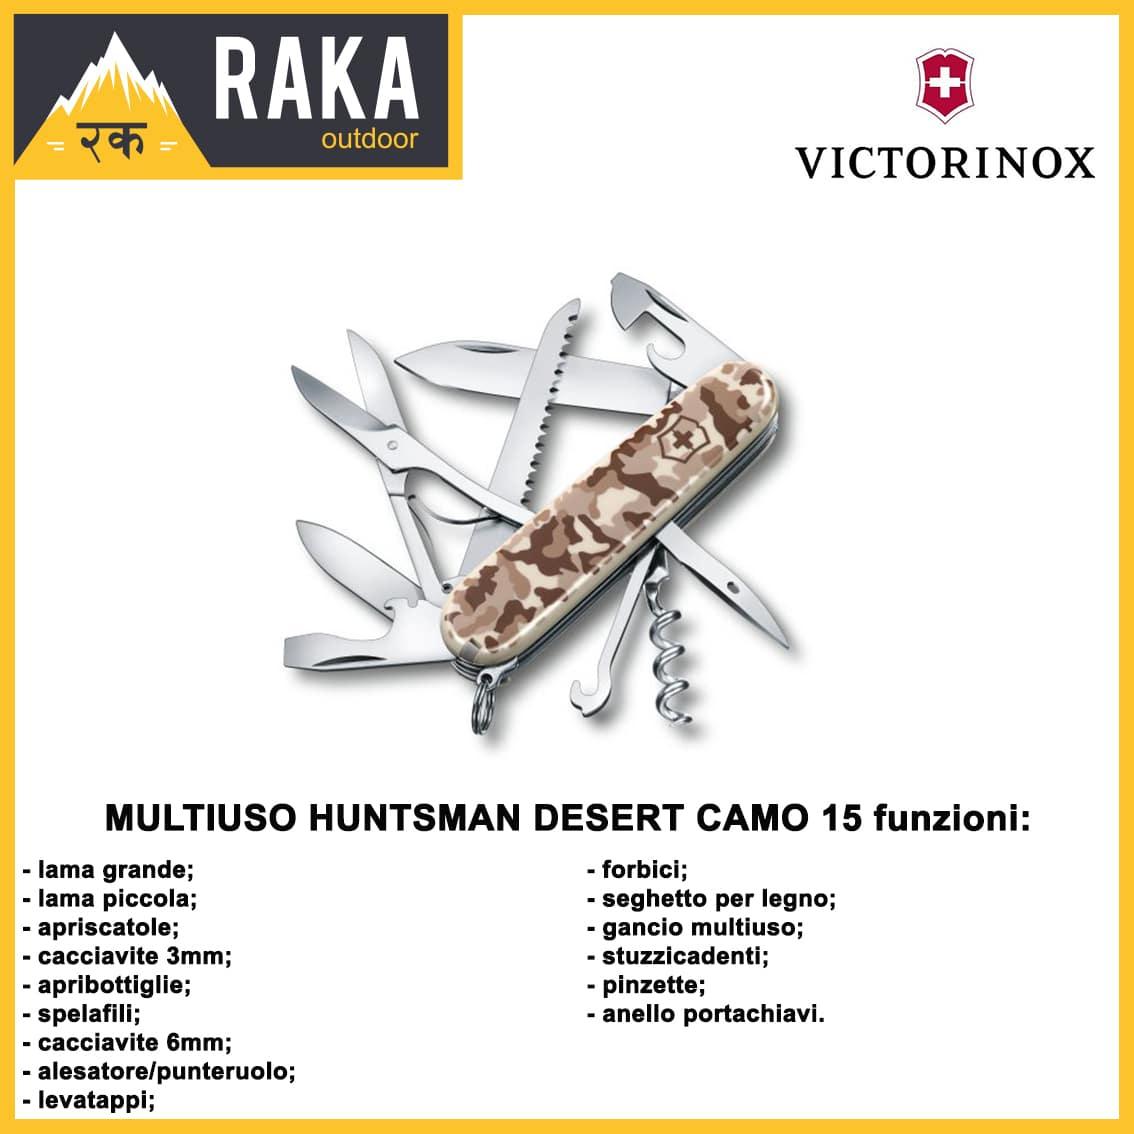 MULTIUSO HUNTSMAN 15 FUNZIONI DESERT CAMO